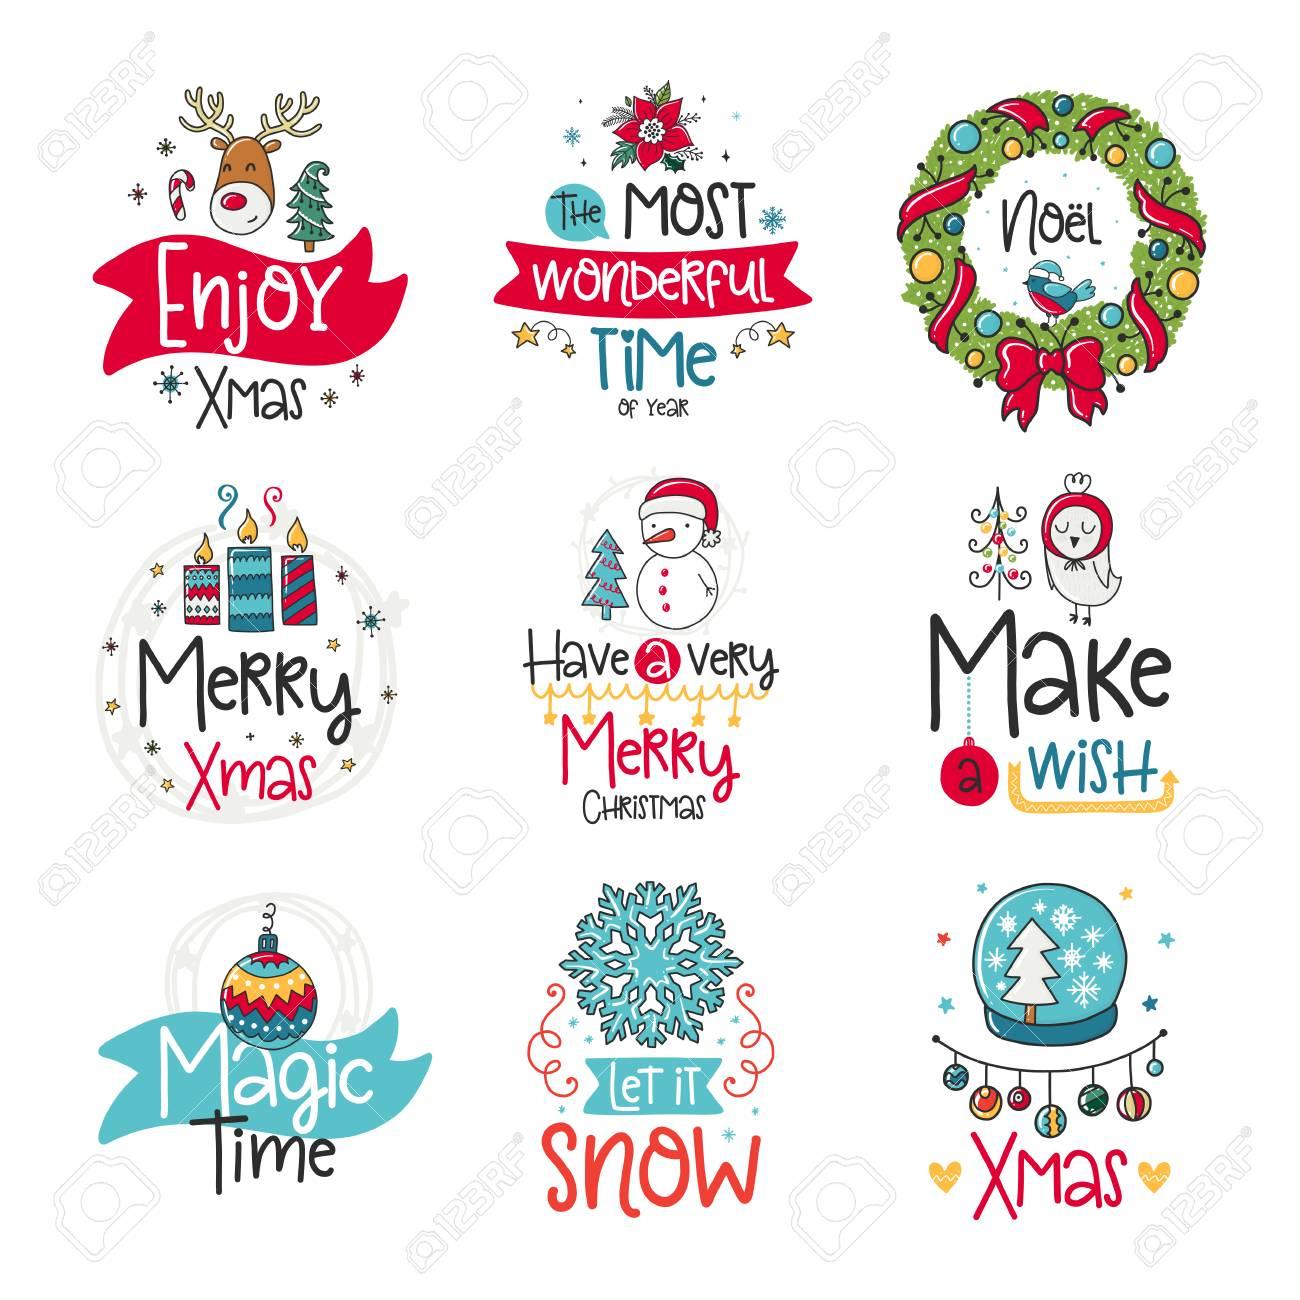 Coleção De Cartaz De Vetor Com Elementos De Frase Papai Noel E Decoração Cartão De Tipografia Imagem Colorida Feliz Natal Design Para T Shirt E